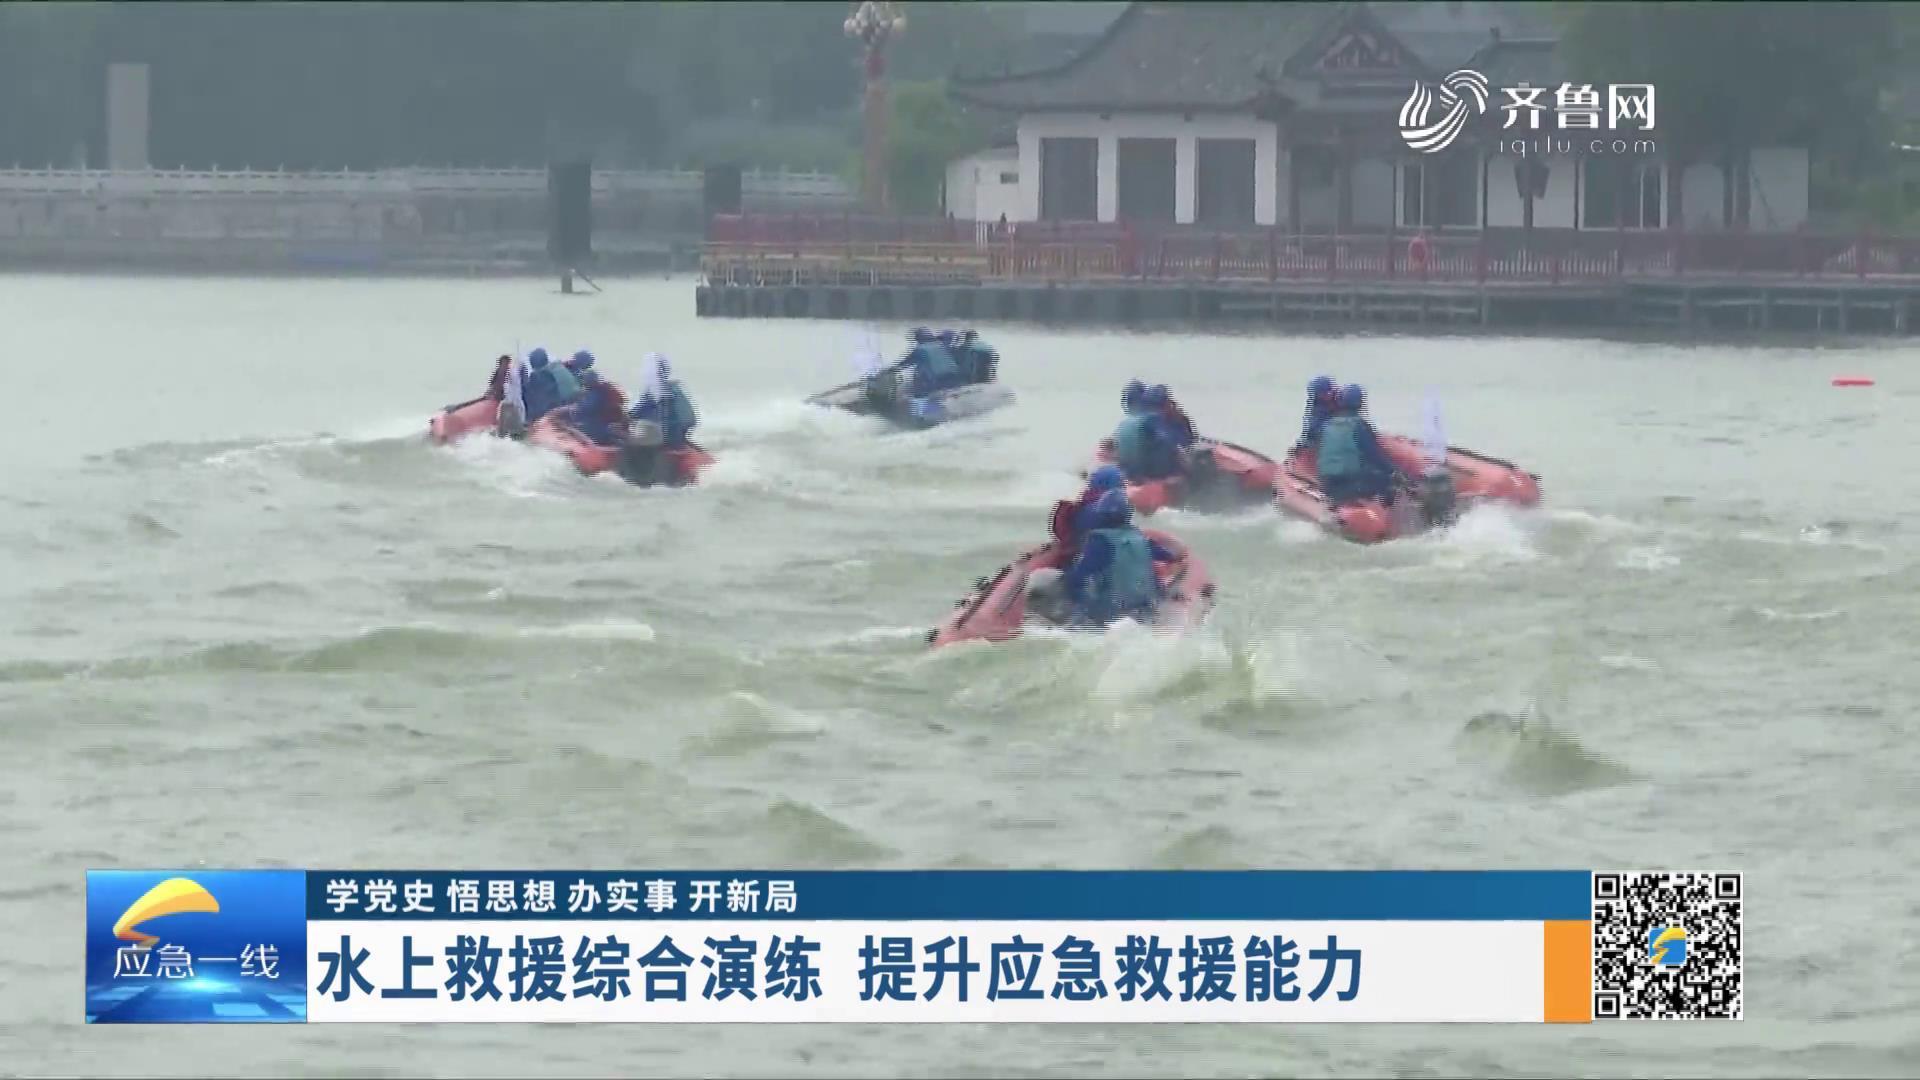 《應急在線》20210718:水上救援綜合演練 提升應急救援能力